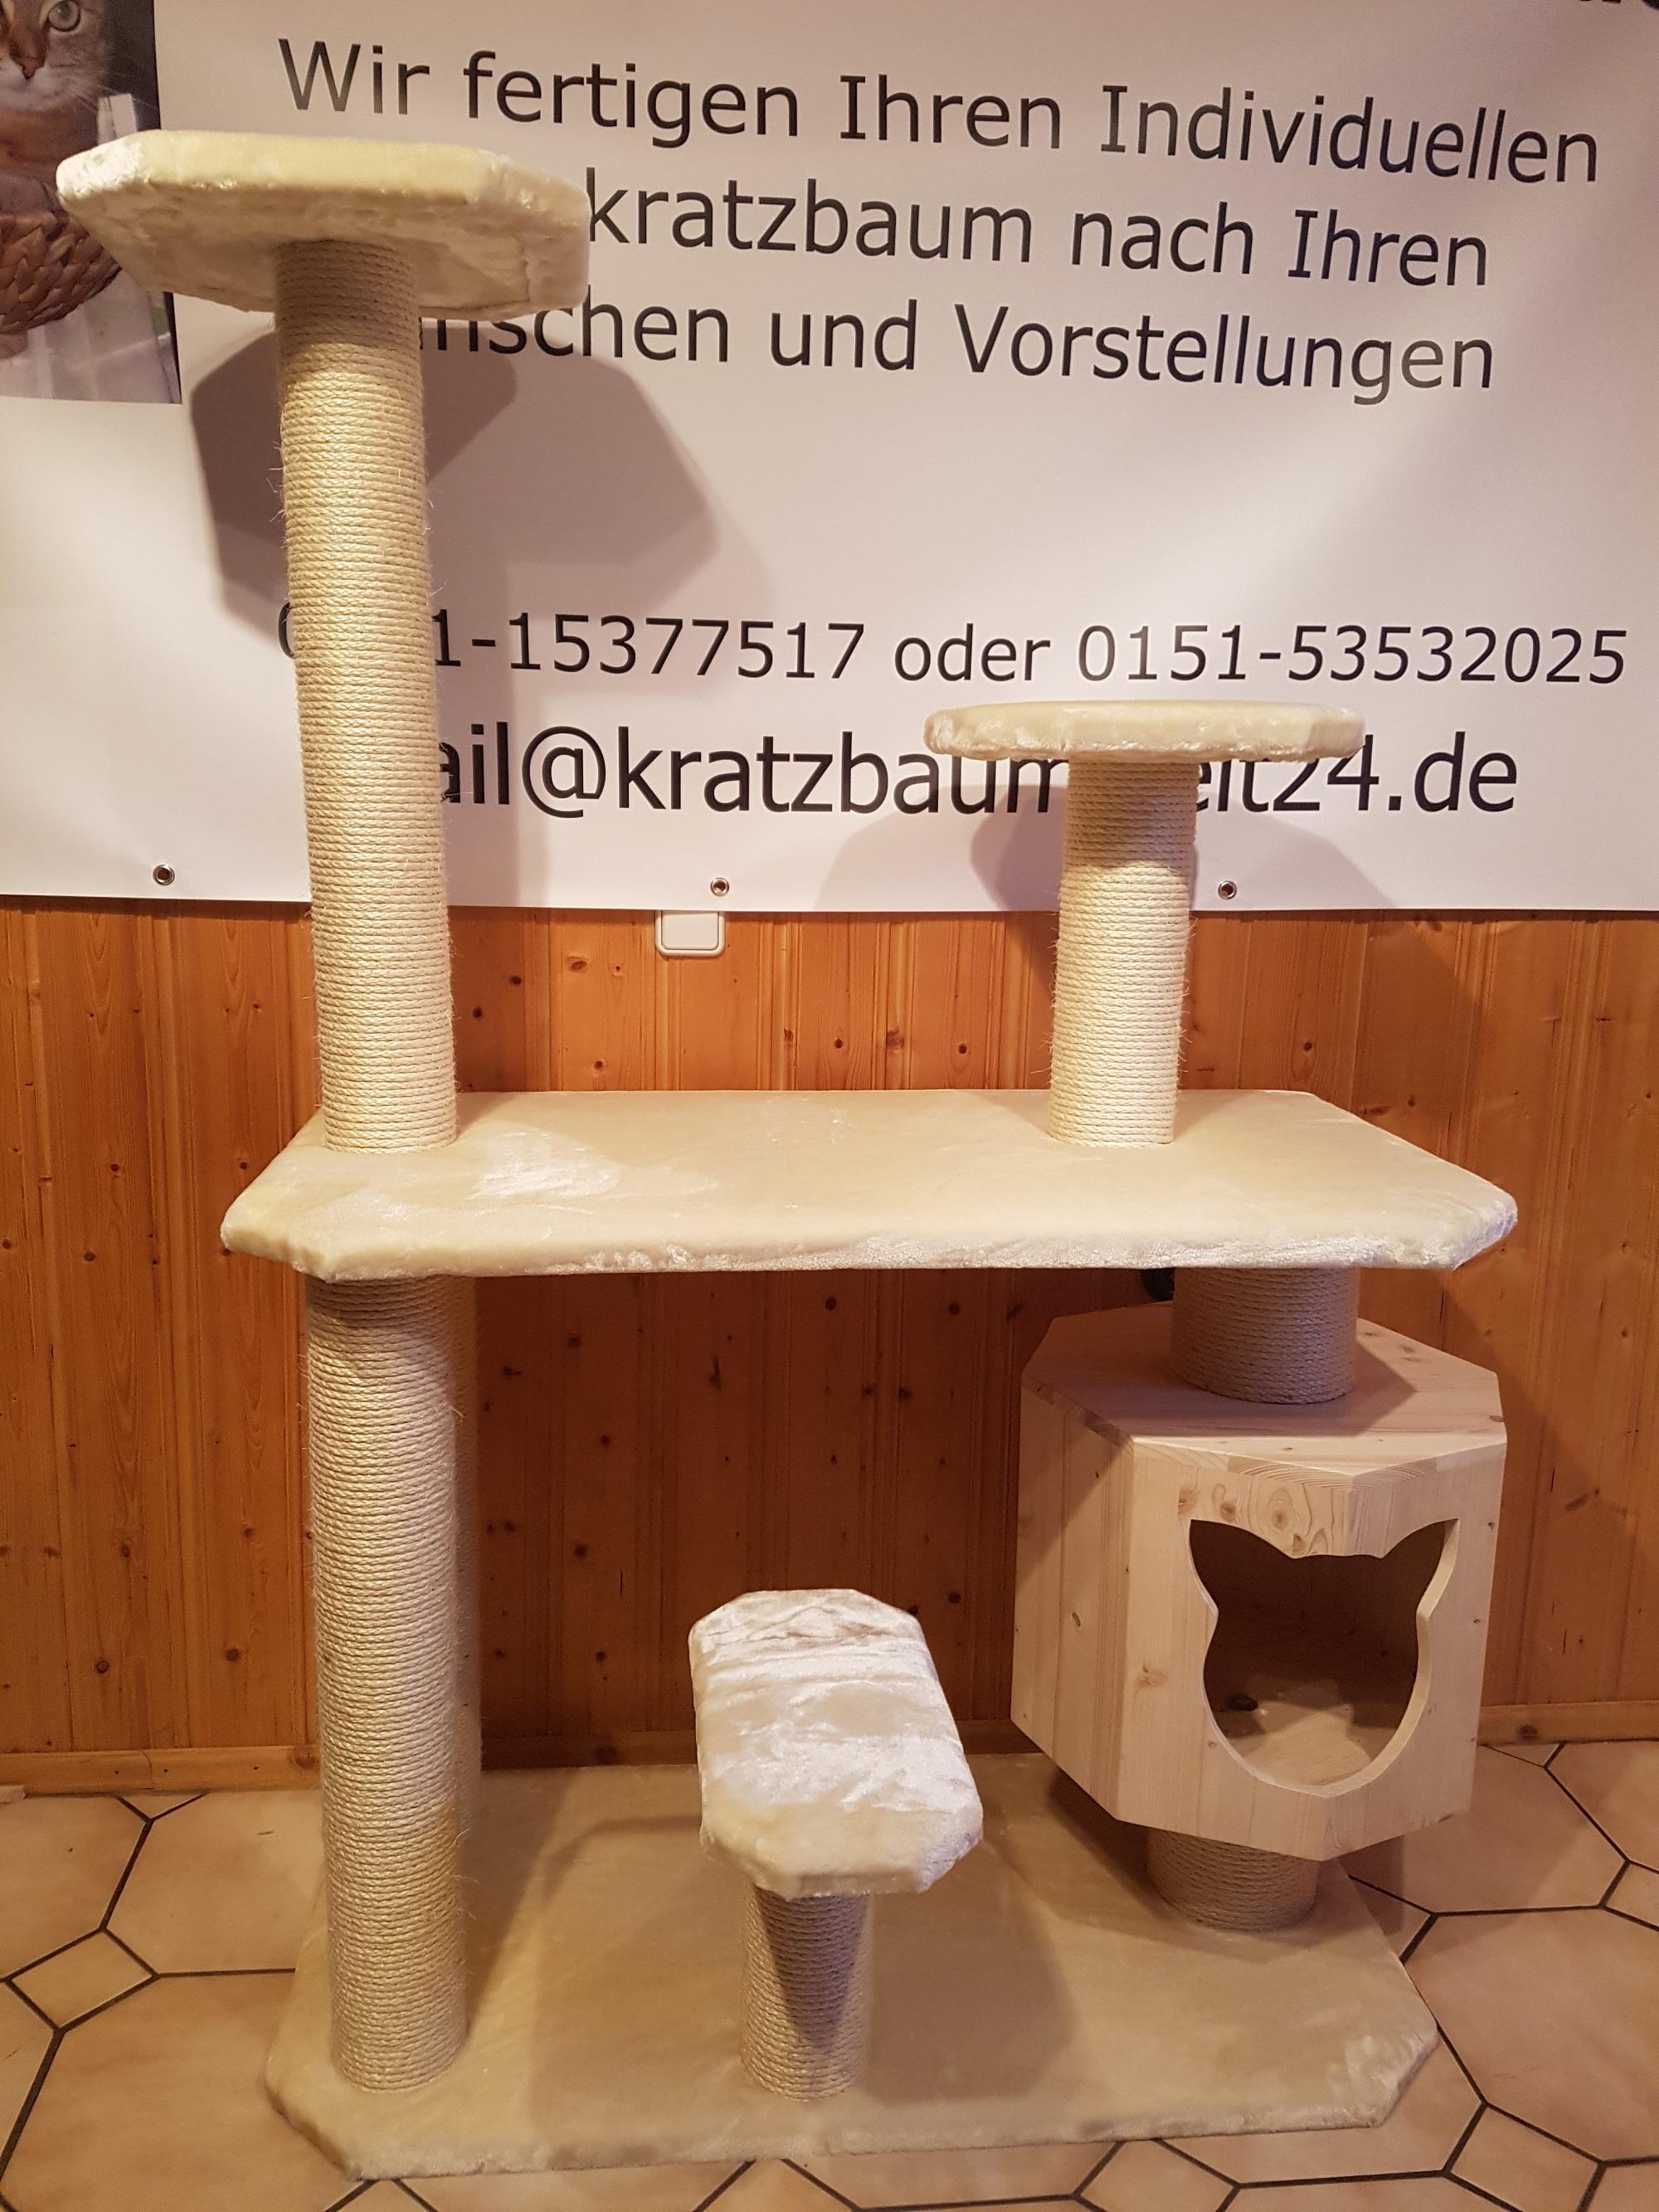 kratzbaum nach ma gefertigt h hle f r katzen kuschelbettchen liegemulde. Black Bedroom Furniture Sets. Home Design Ideas